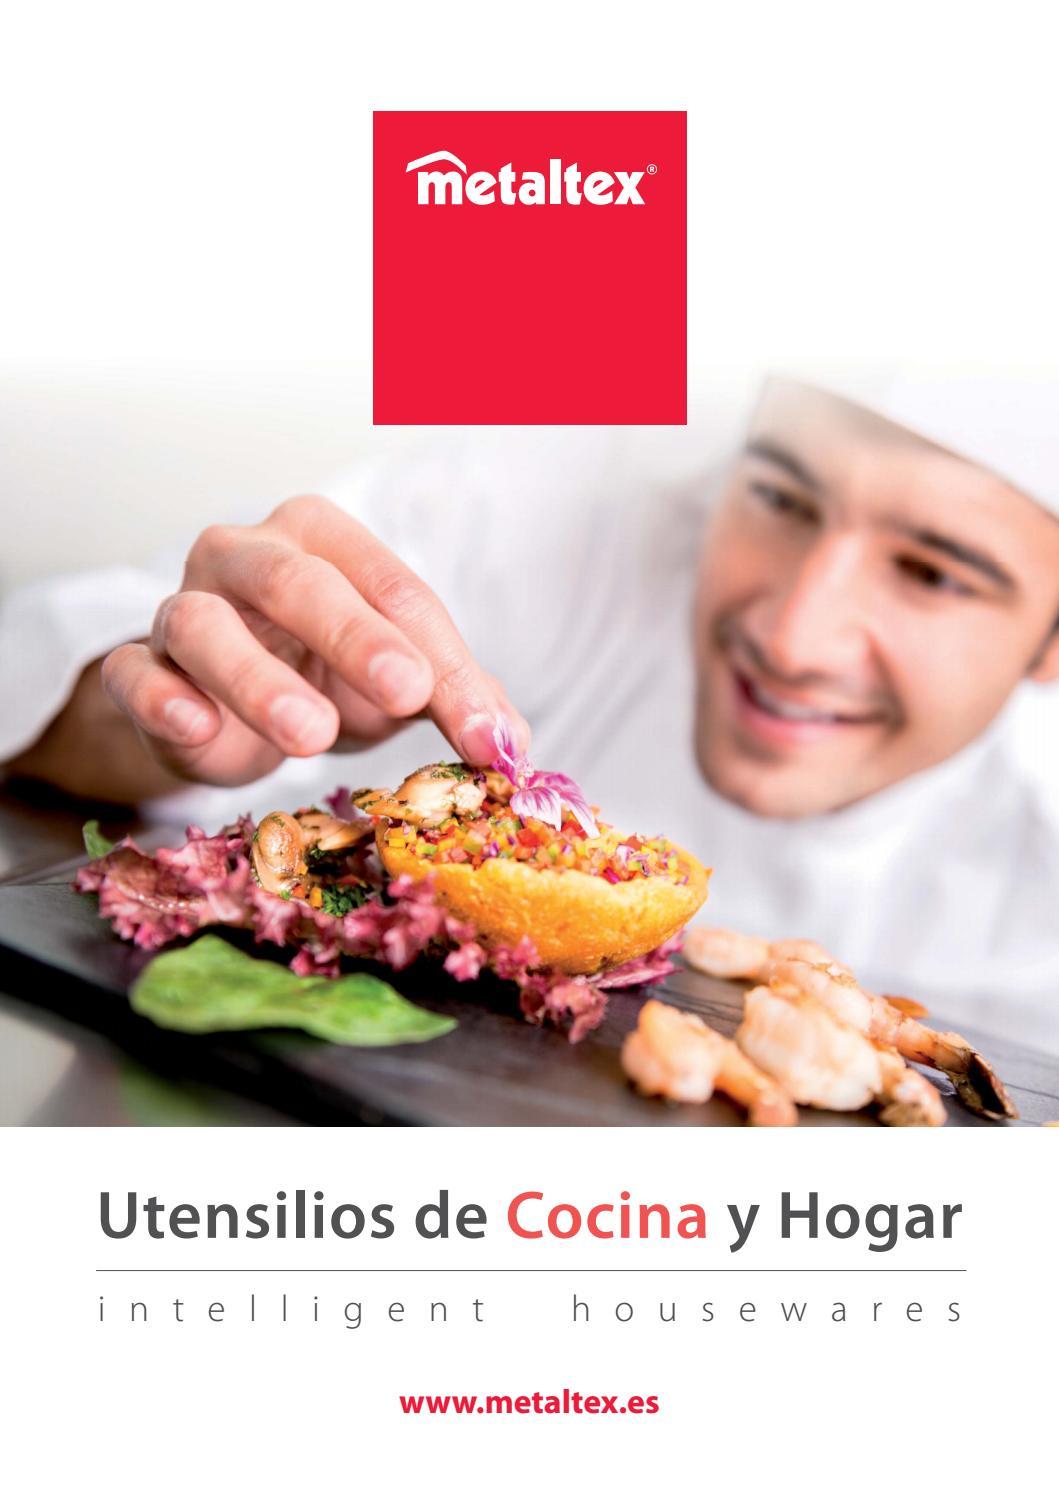 Cat logo metaltex 2017 utensilios cocina y hogar by metaltex issuu - Cocina hogar chiclana catalogo ...